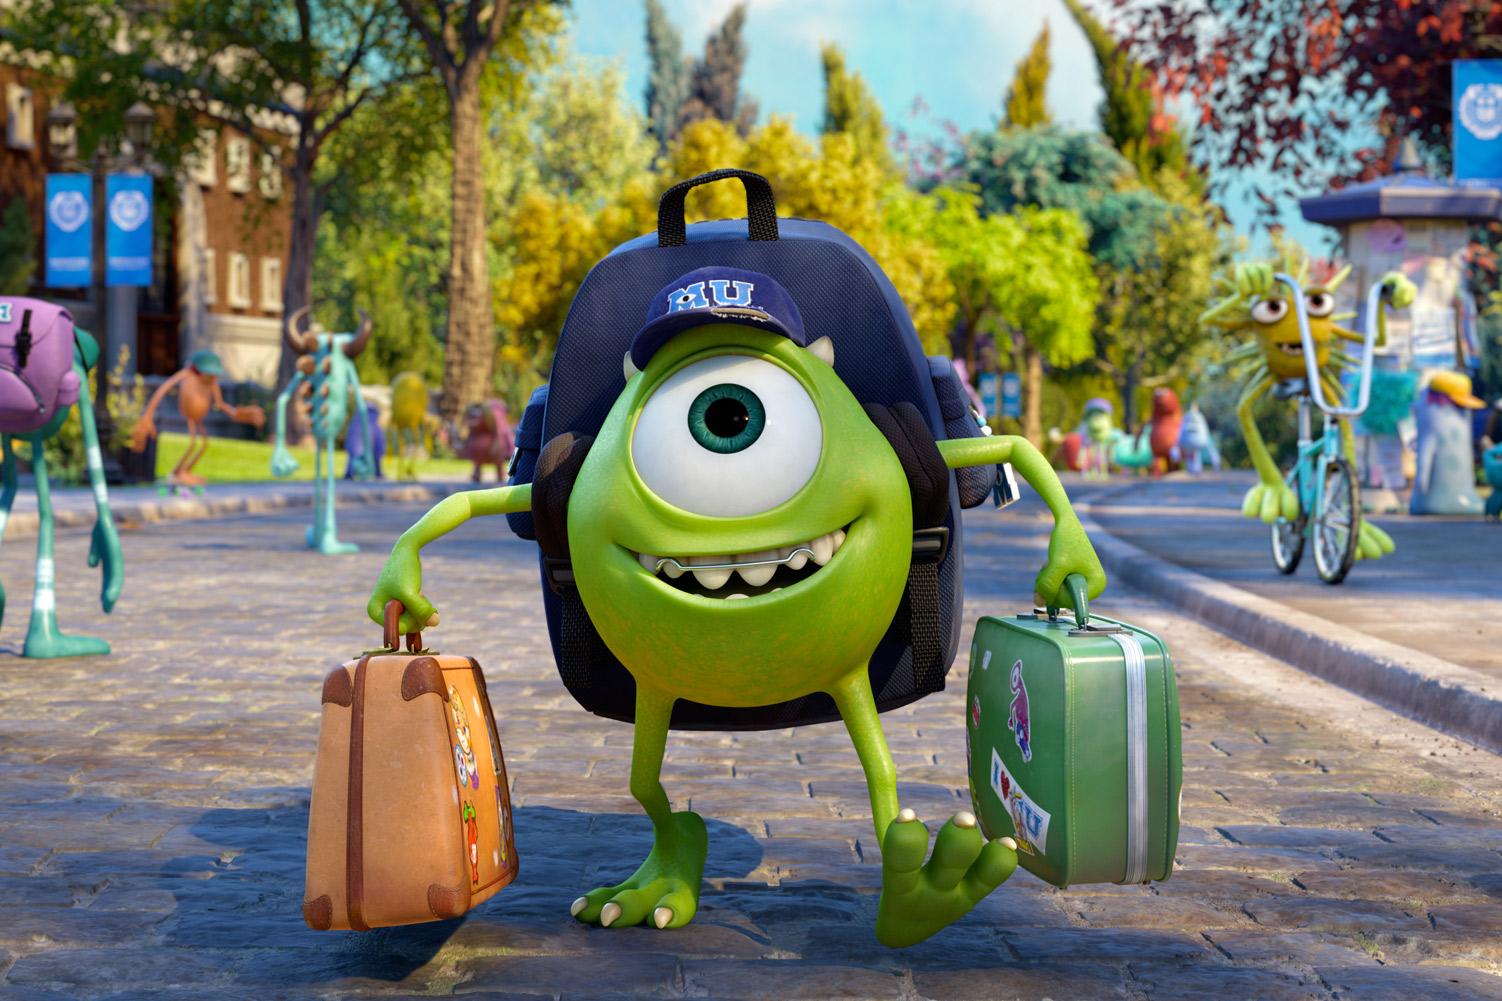 Max chega na universidade com suas malas